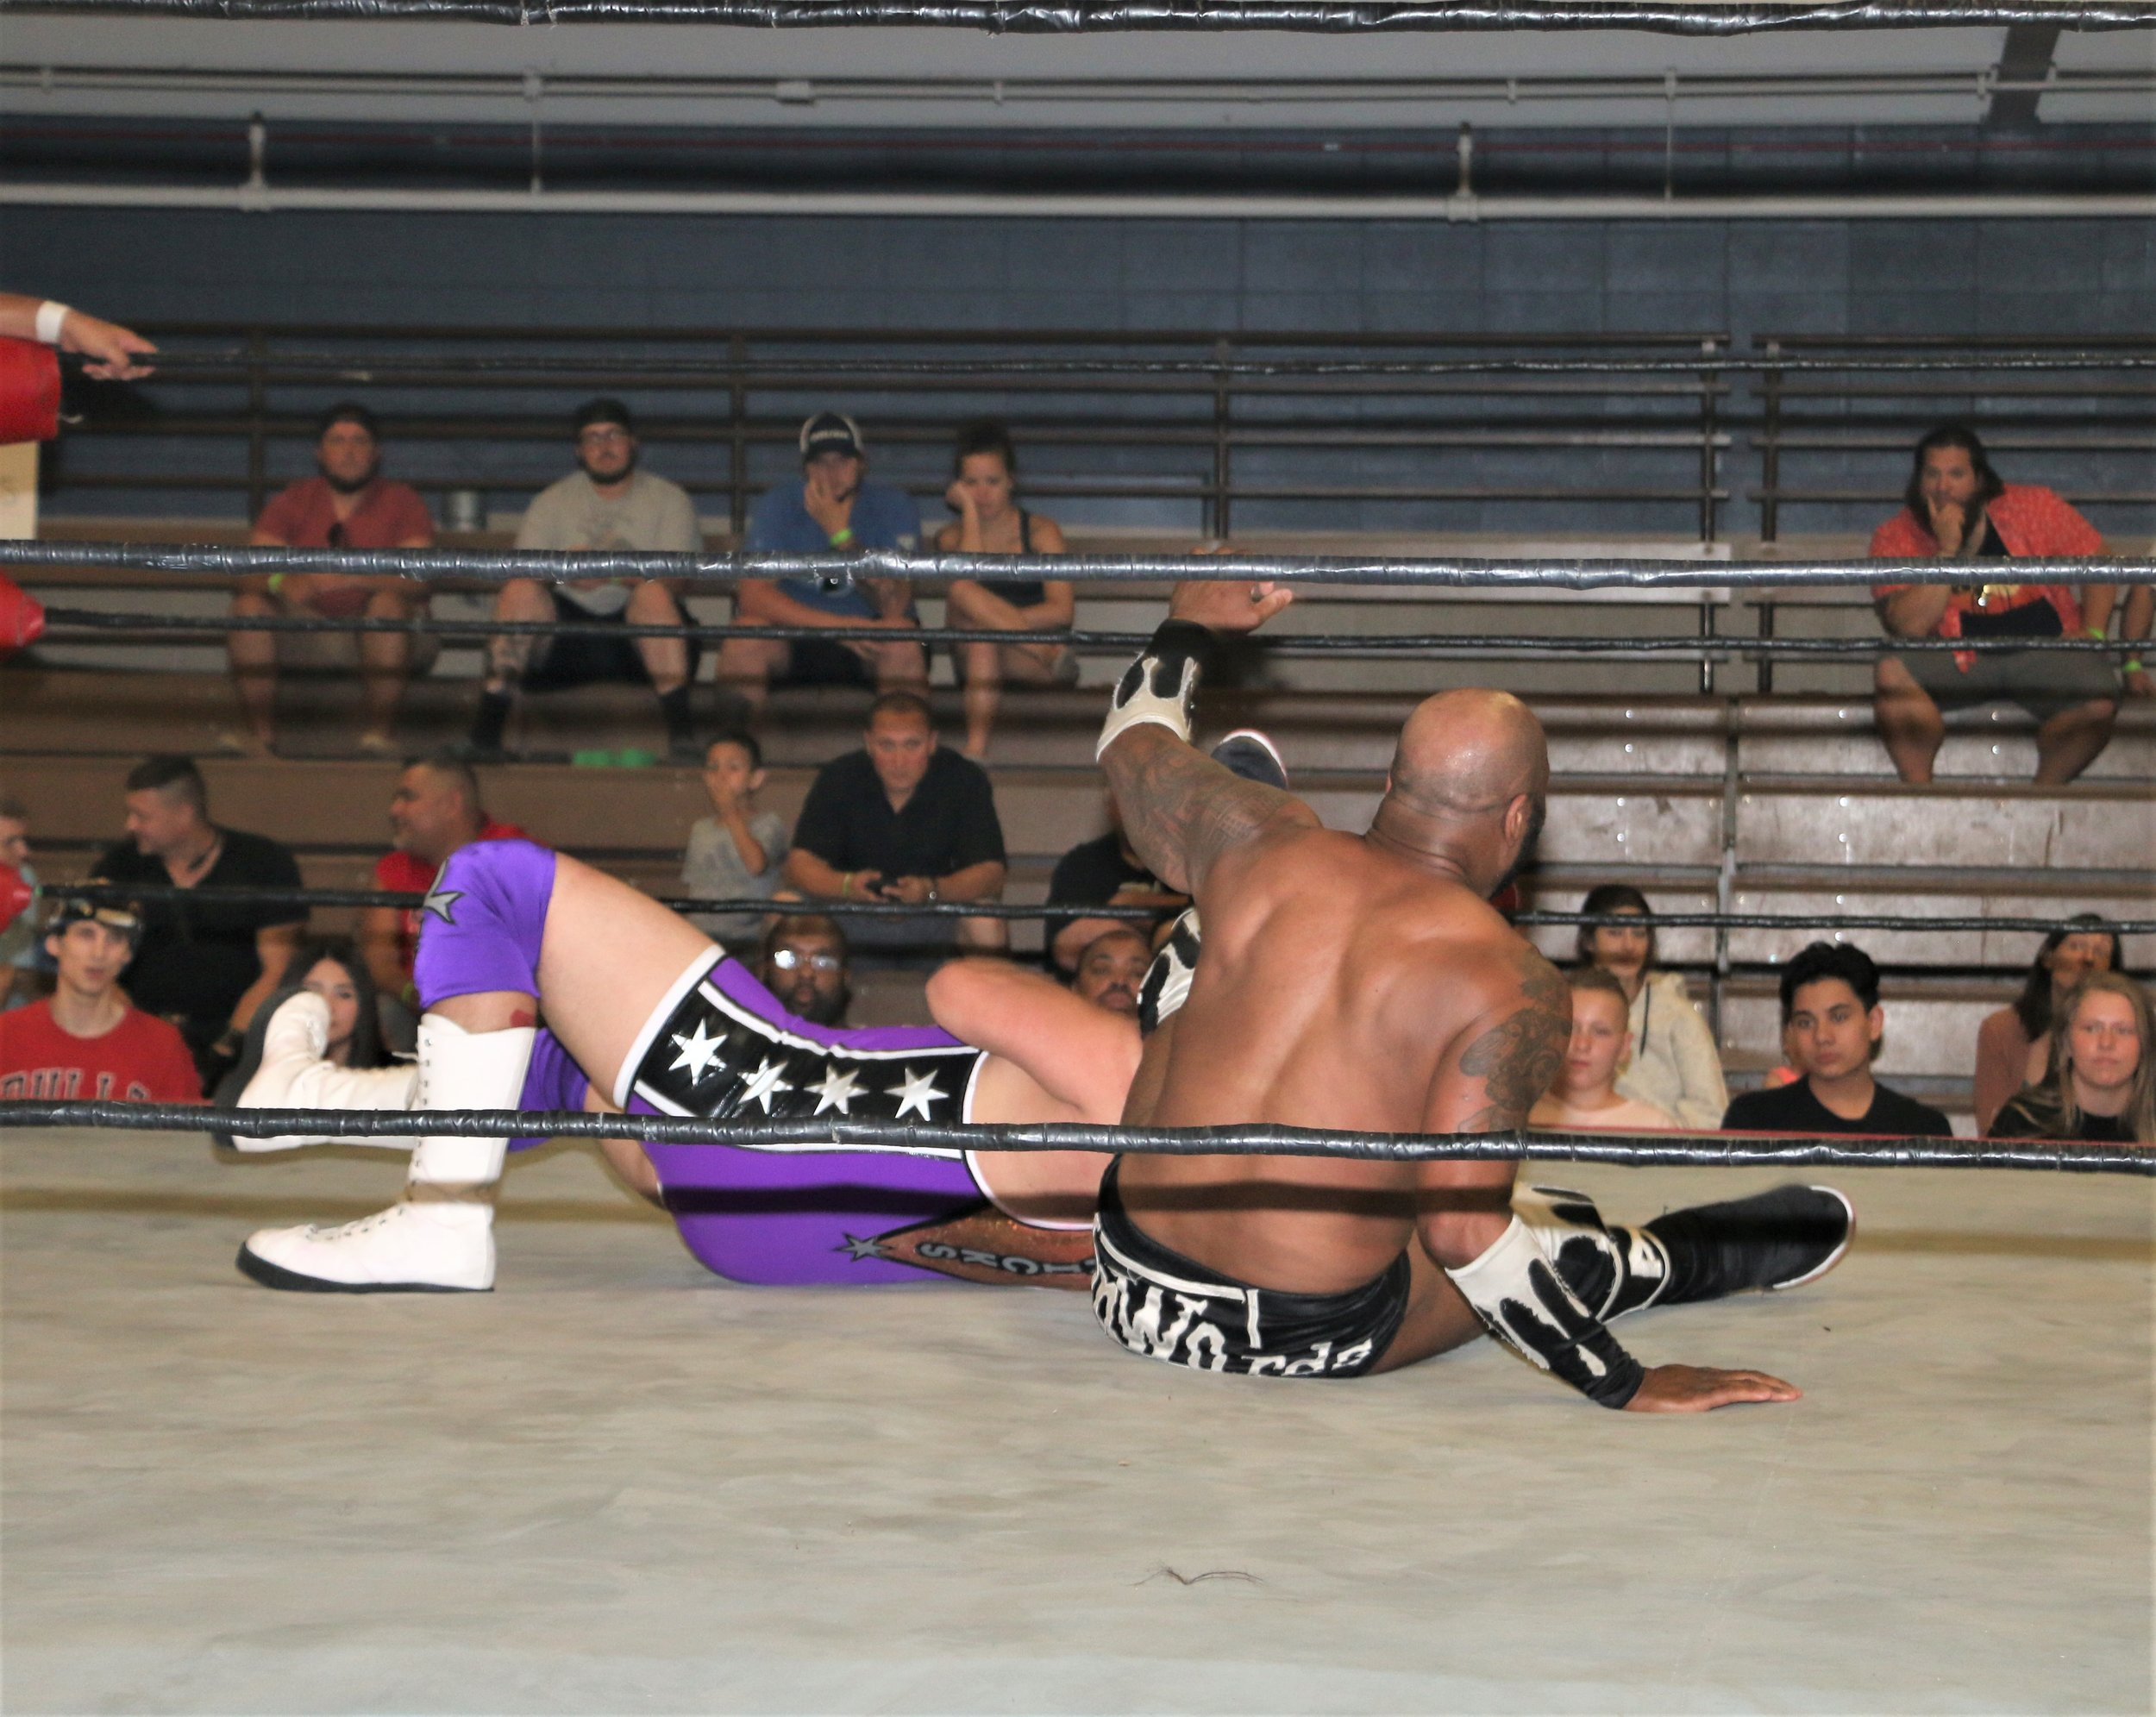 Acid Jaz legdrops Matt Knicks during the tag-team match.